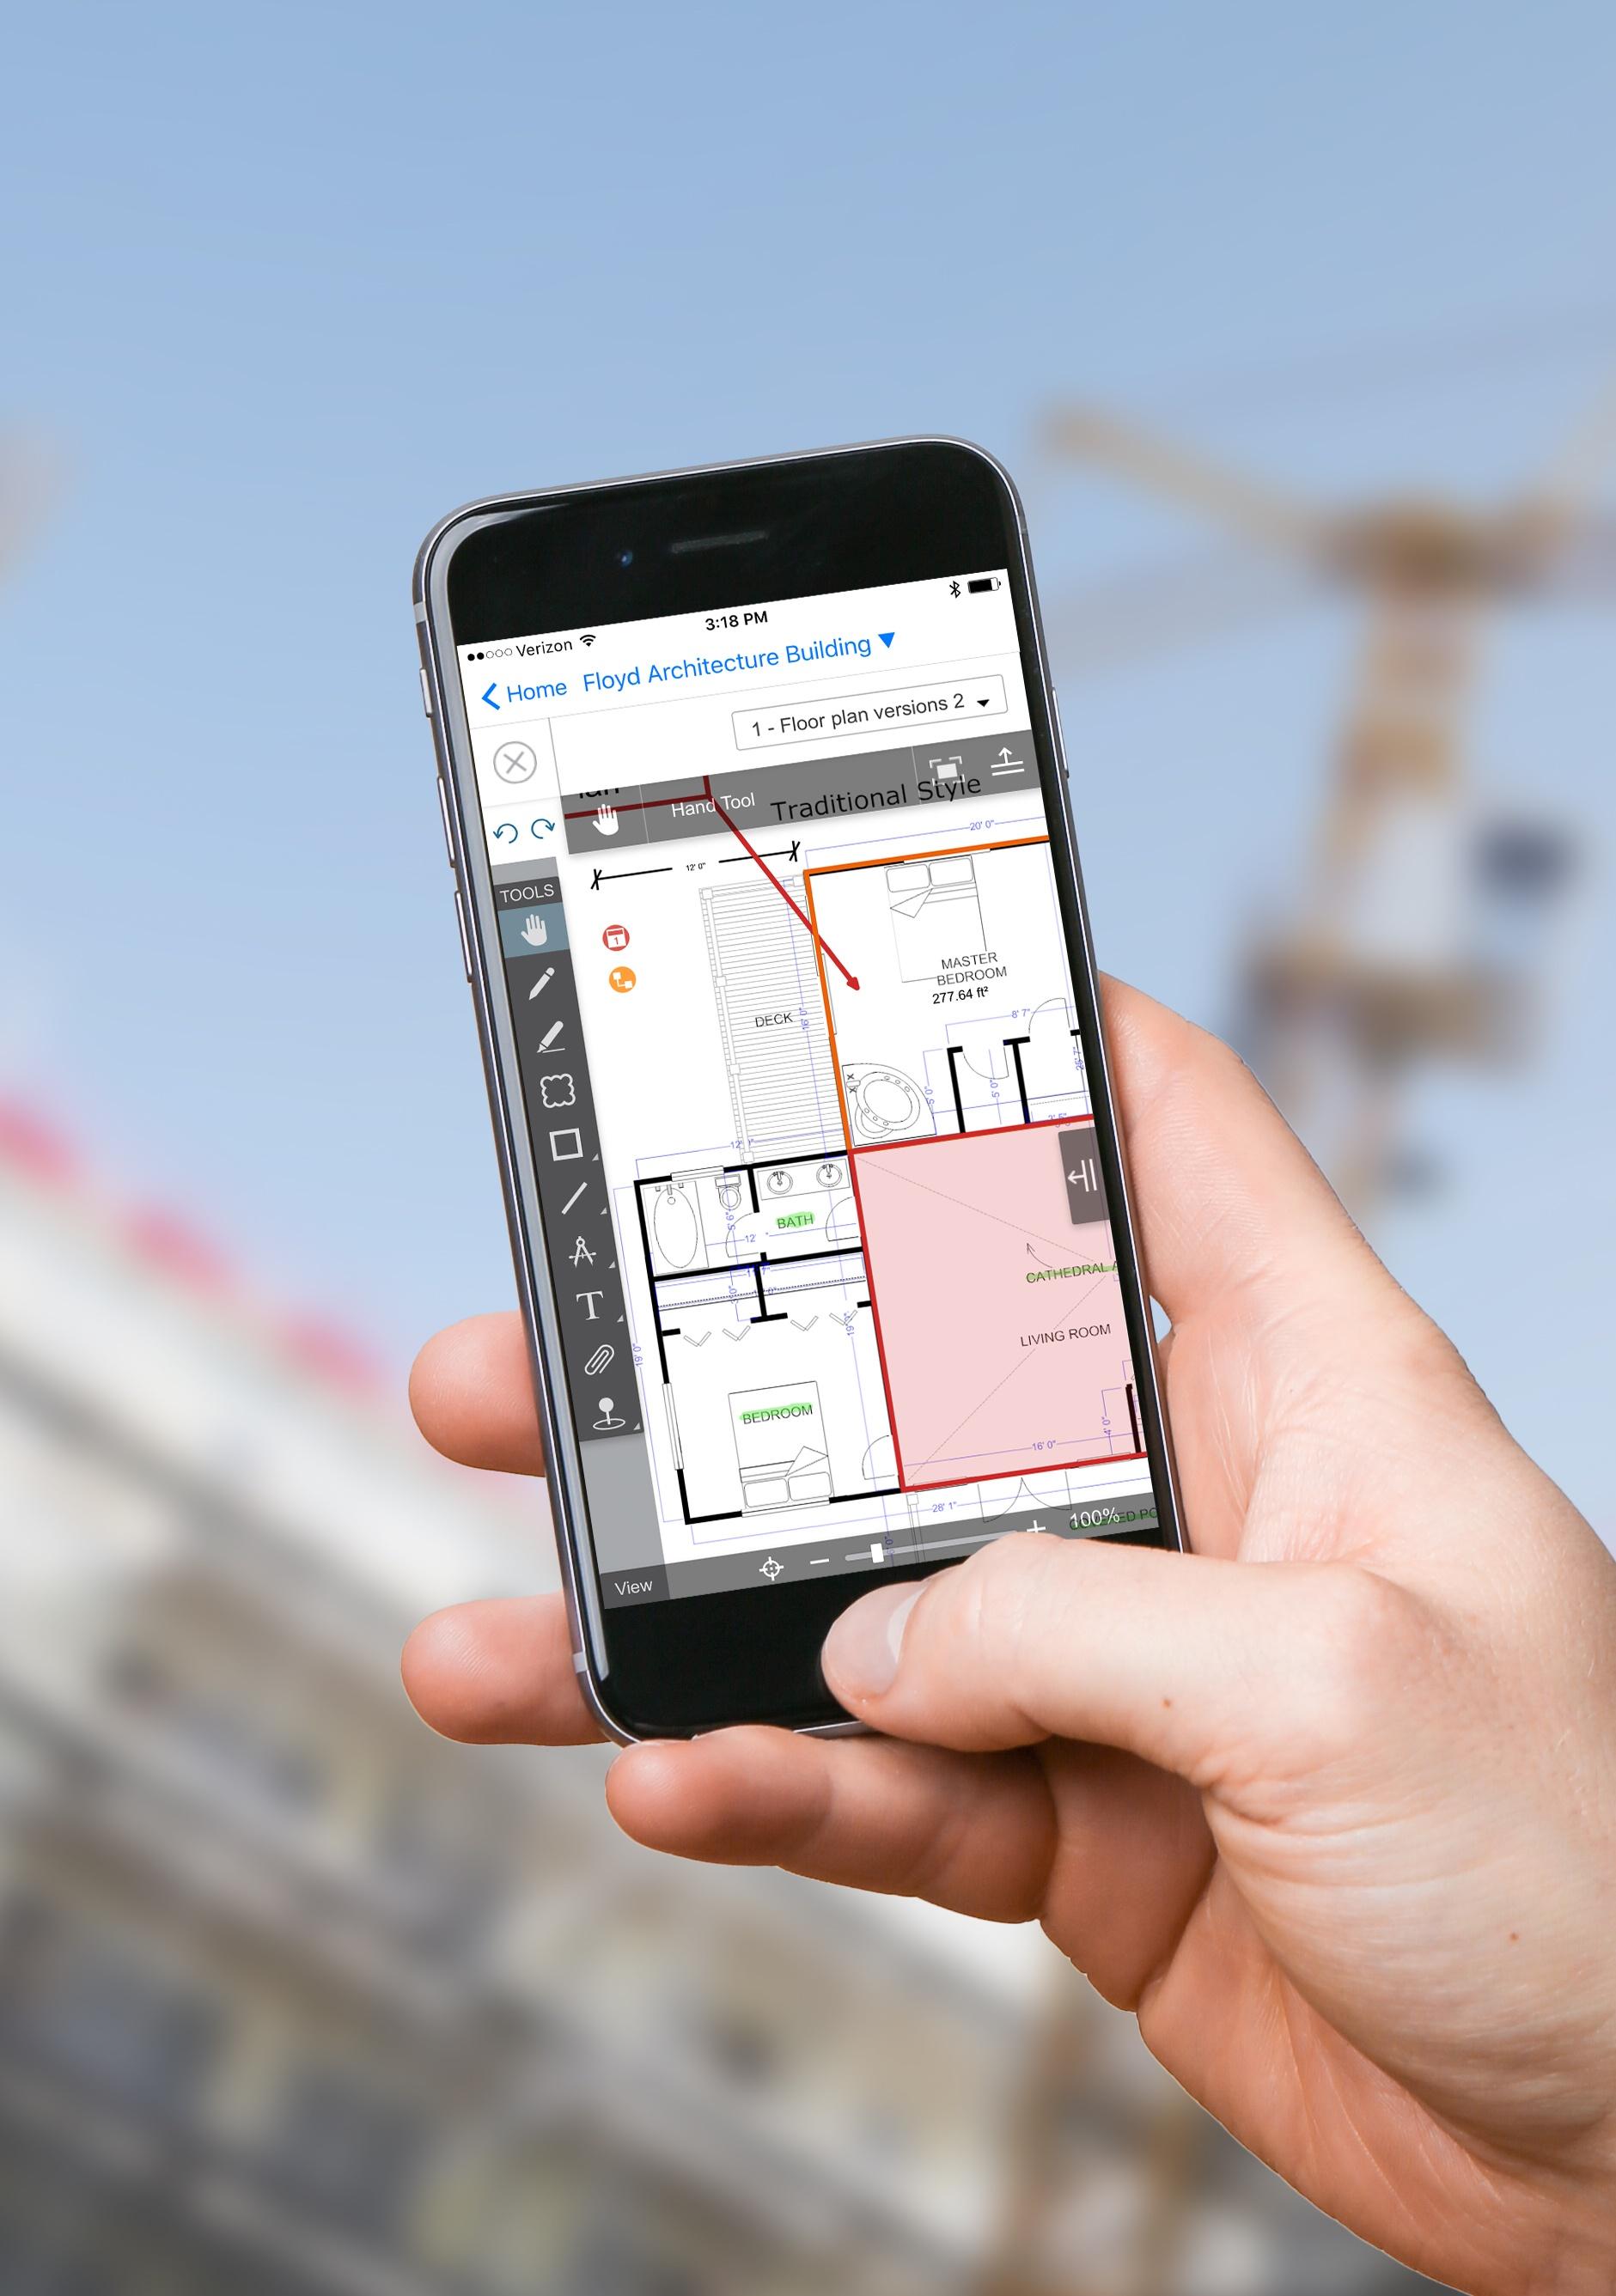 mobile-app-redline.jpg